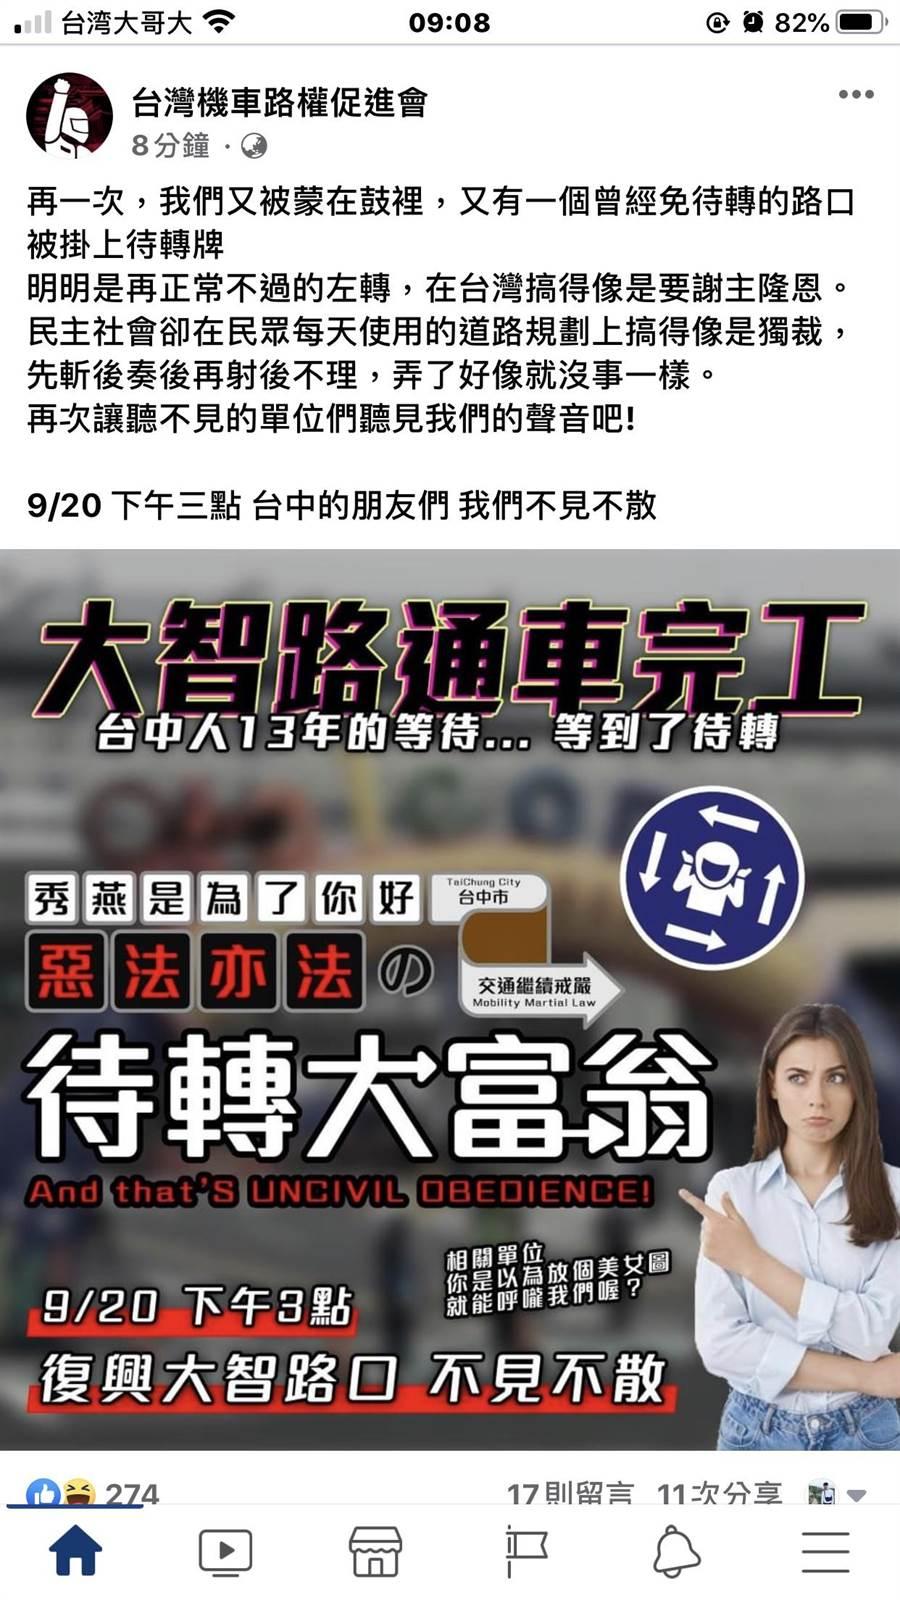 台灣機車促進協會發起「待轉大富翁」號召騎士以不斷巡迴路口方式抗議路口設待轉區的規劃。(翻攝自台灣機車促進協會臉書/馮惠宜台中傳真)